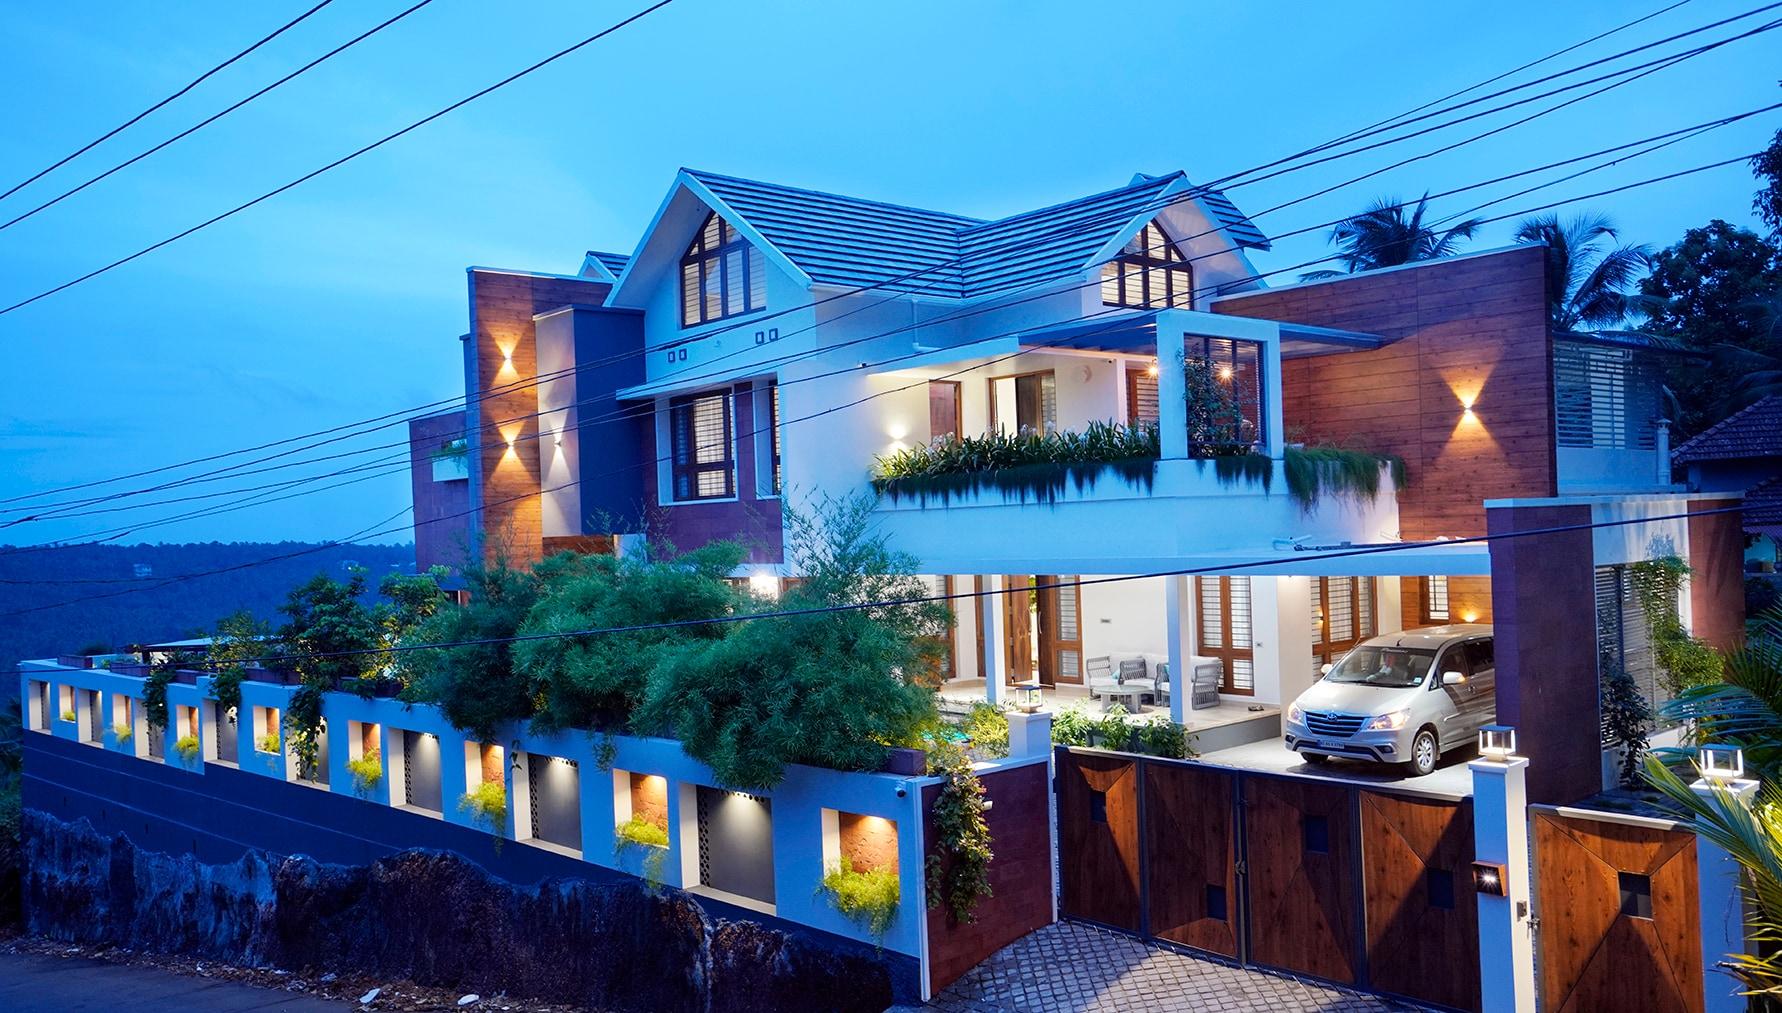 green-home-malappuram-night